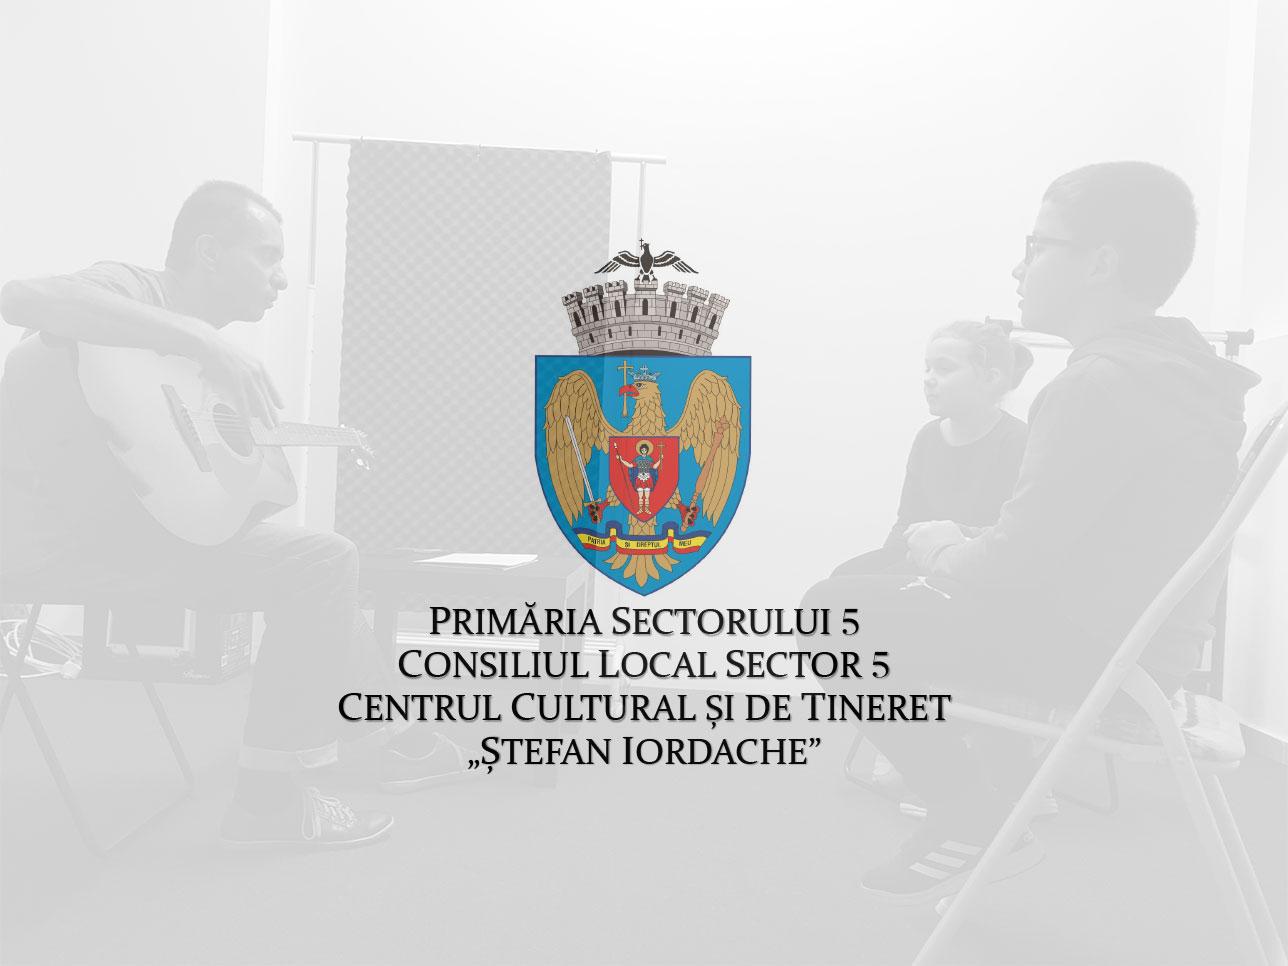 centrul-cultural-de-tineret-stefan-iordache